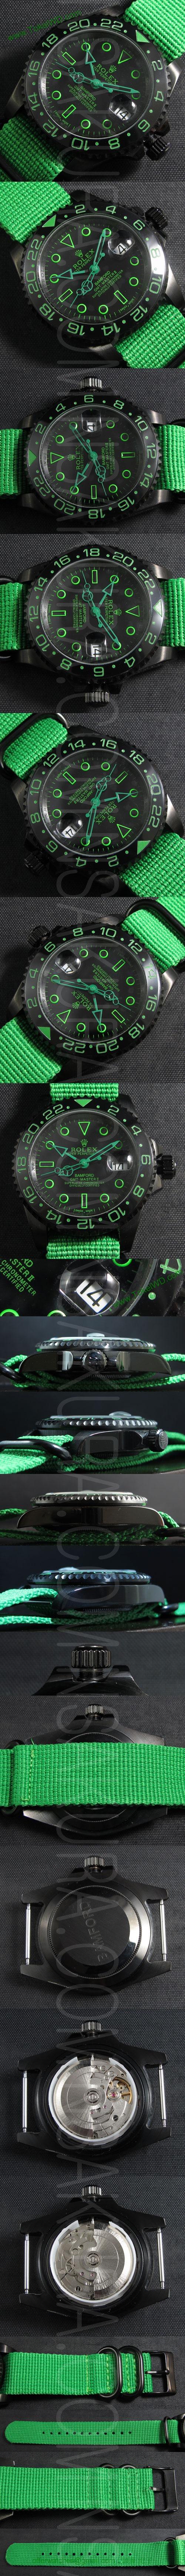 ロレックス GFDWS3 コピー 時計